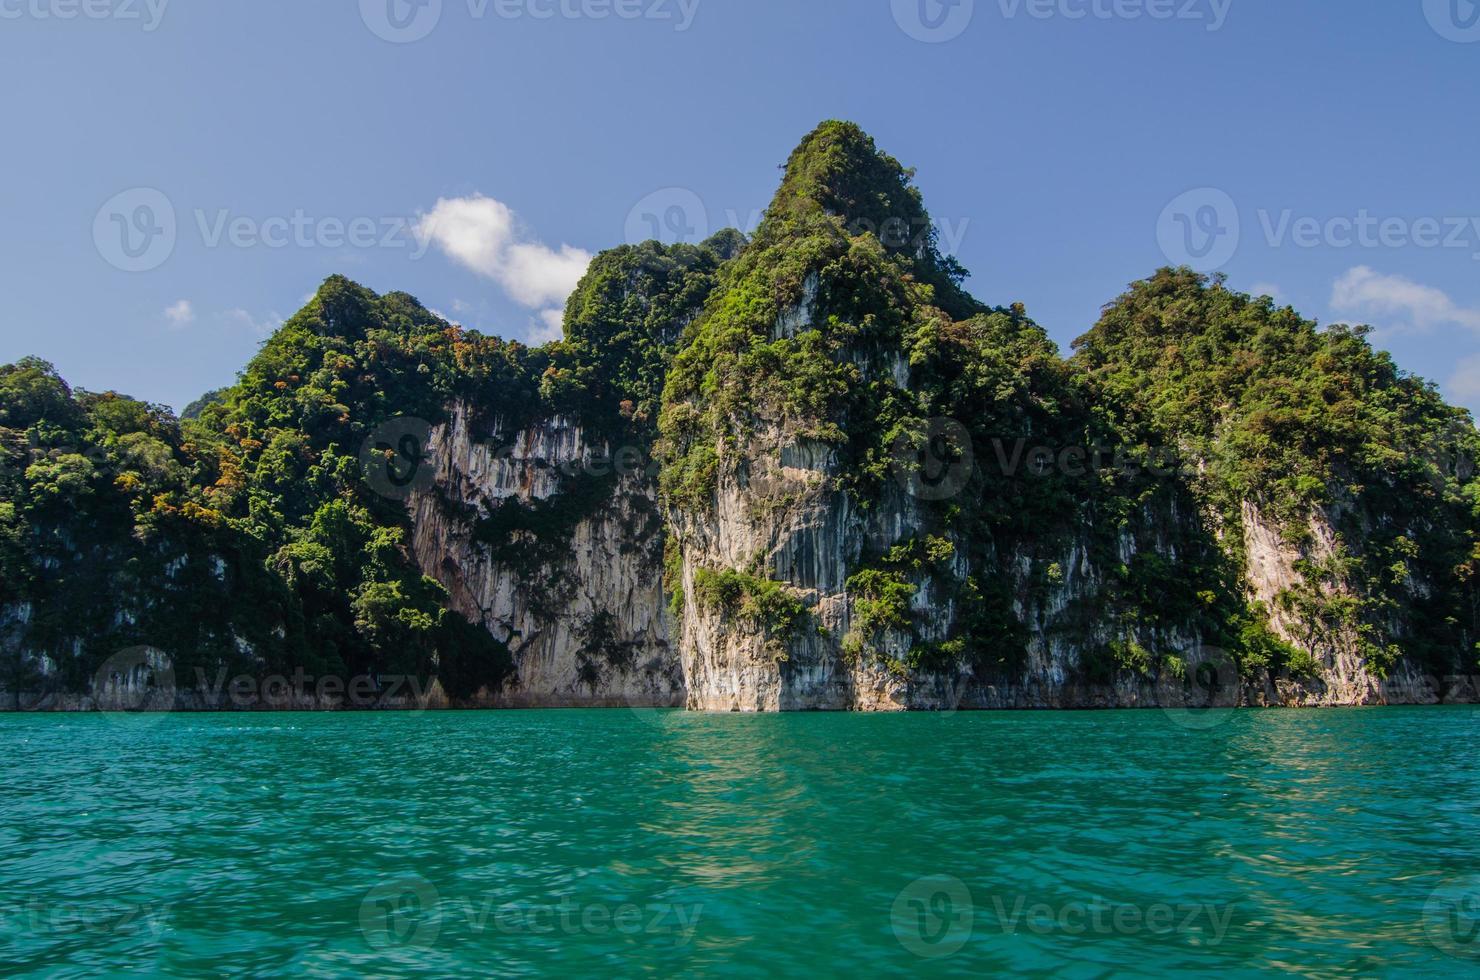 isla de roca en el mar foto